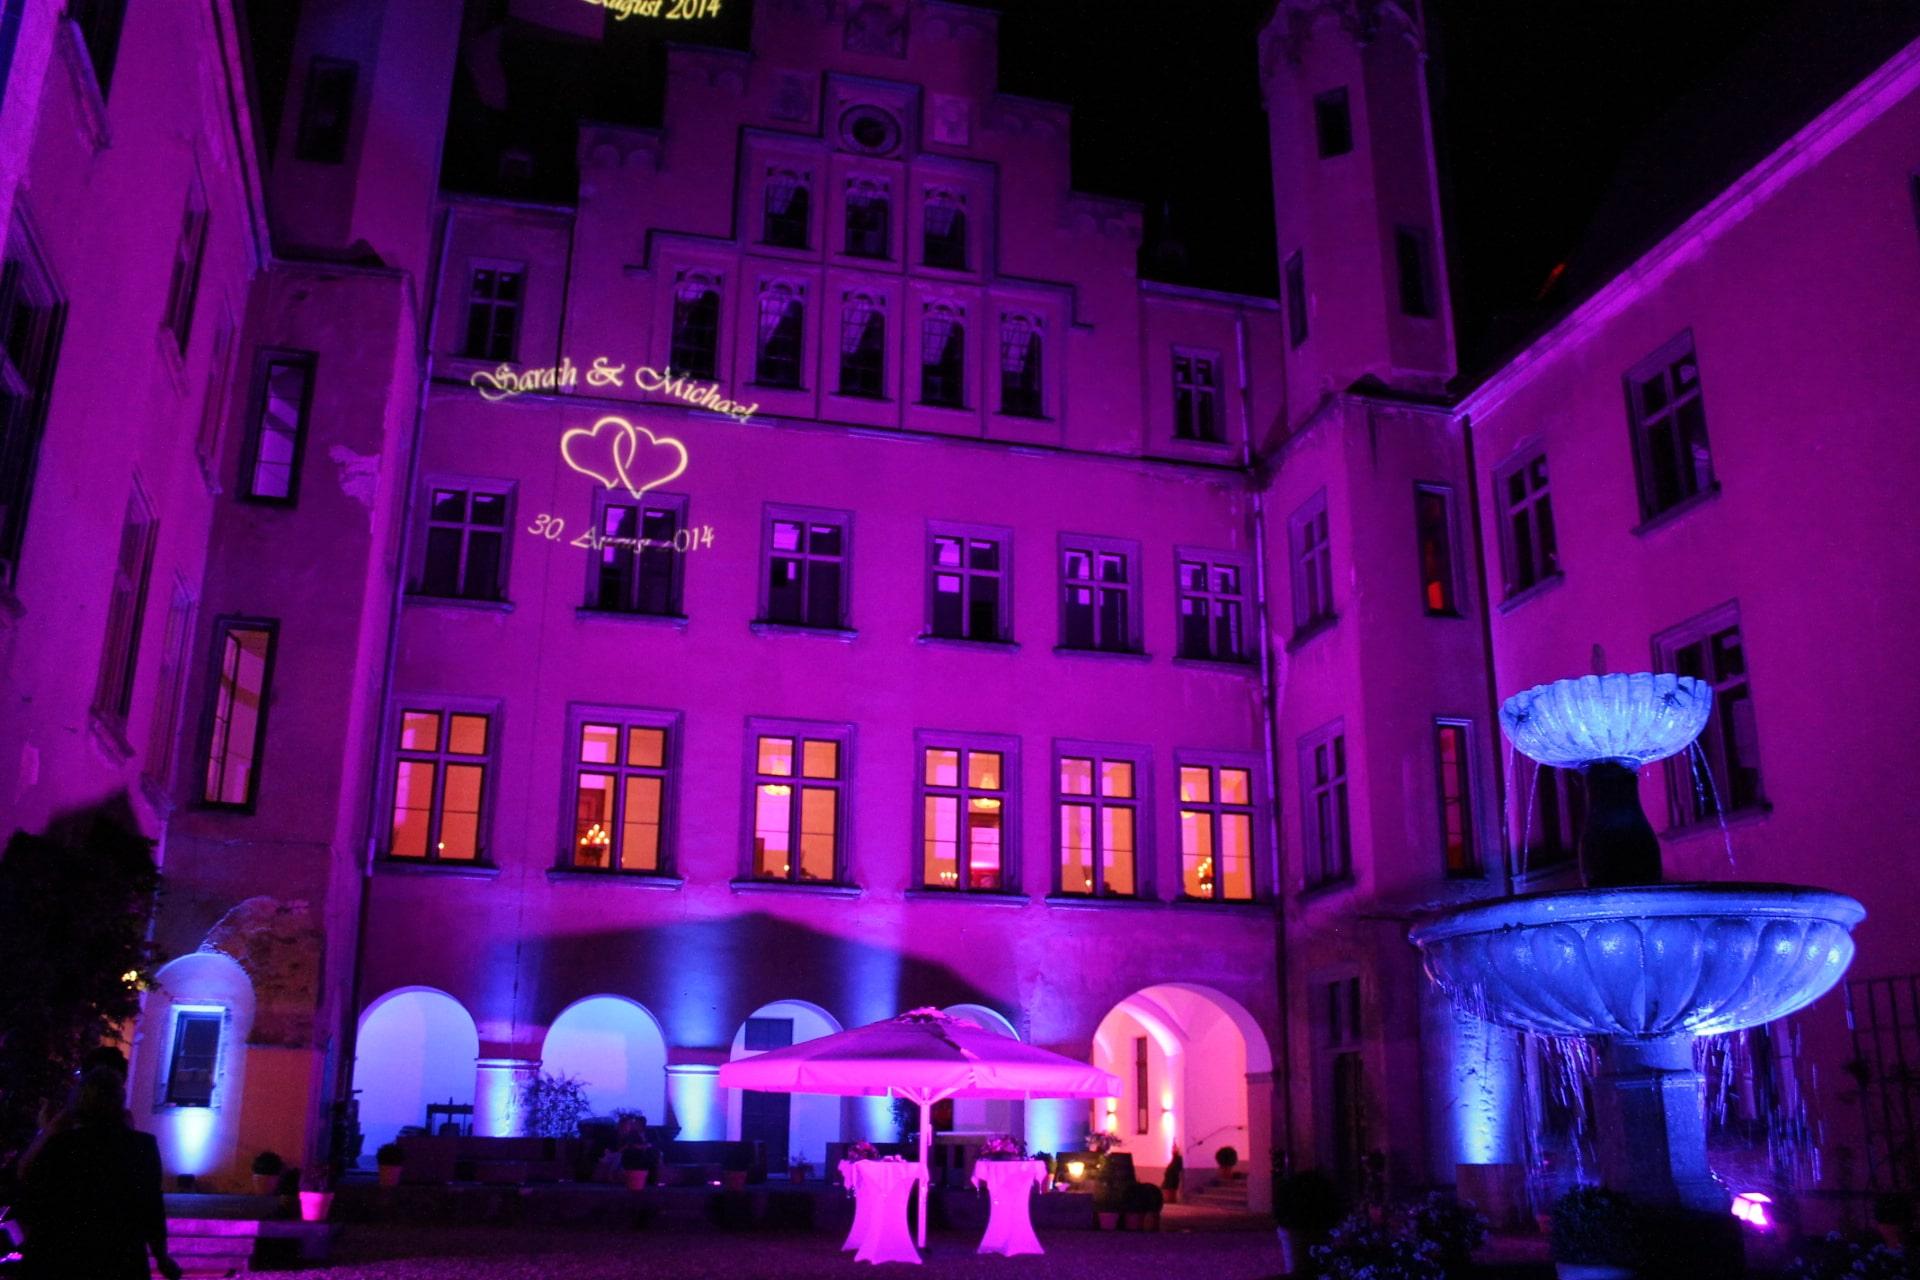 Schloss arenfels 49120104372 o min